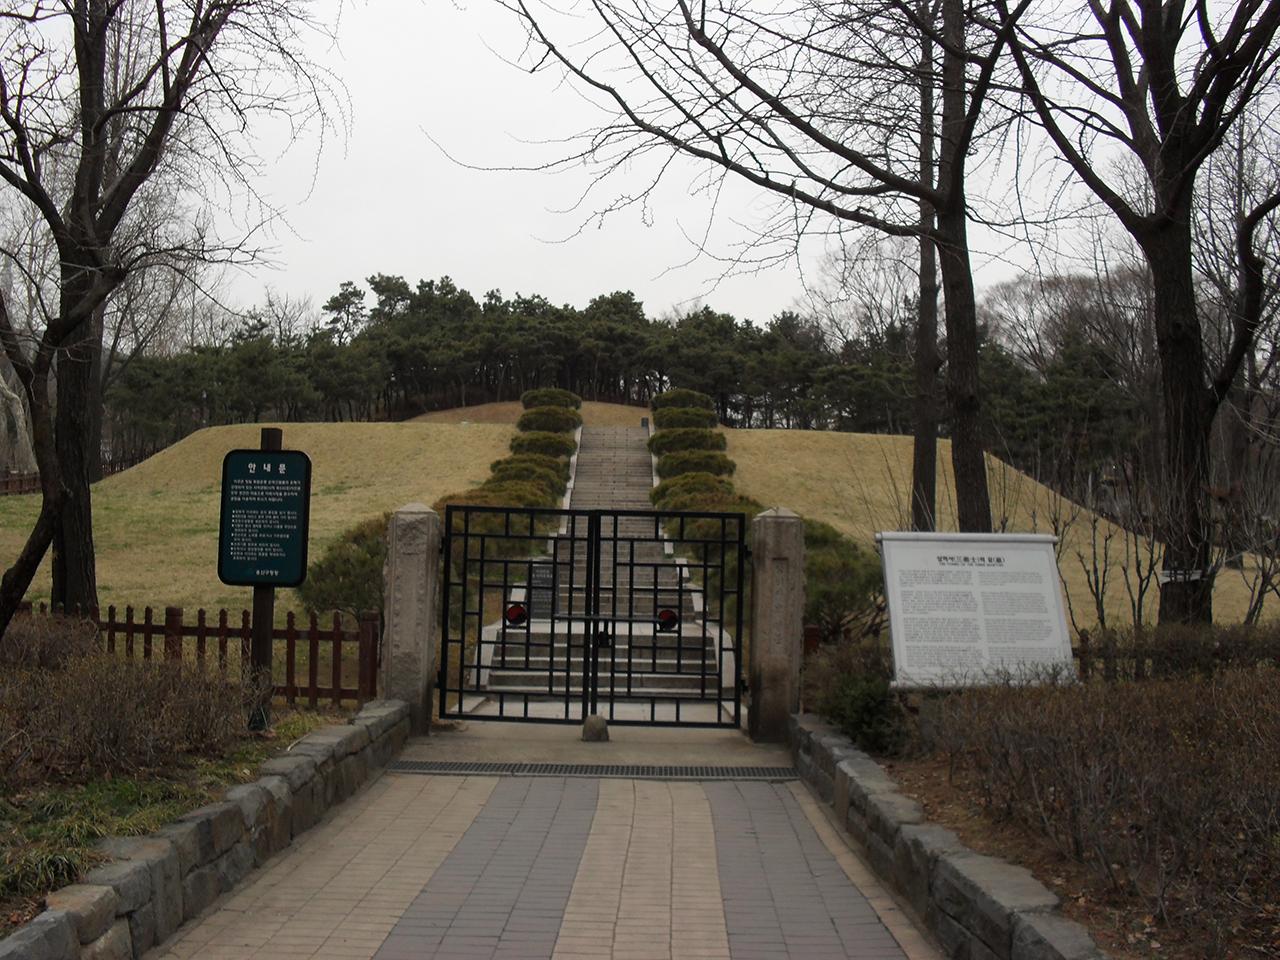 안중근 의사의 가묘(임시 무덤)가 모셔진 서울시 용산구 효창공원 안의 삼의사 묘역. 이봉창·윤봉길·백정기 의사의 무덤 옆에 안 의사의 가묘가 있다.